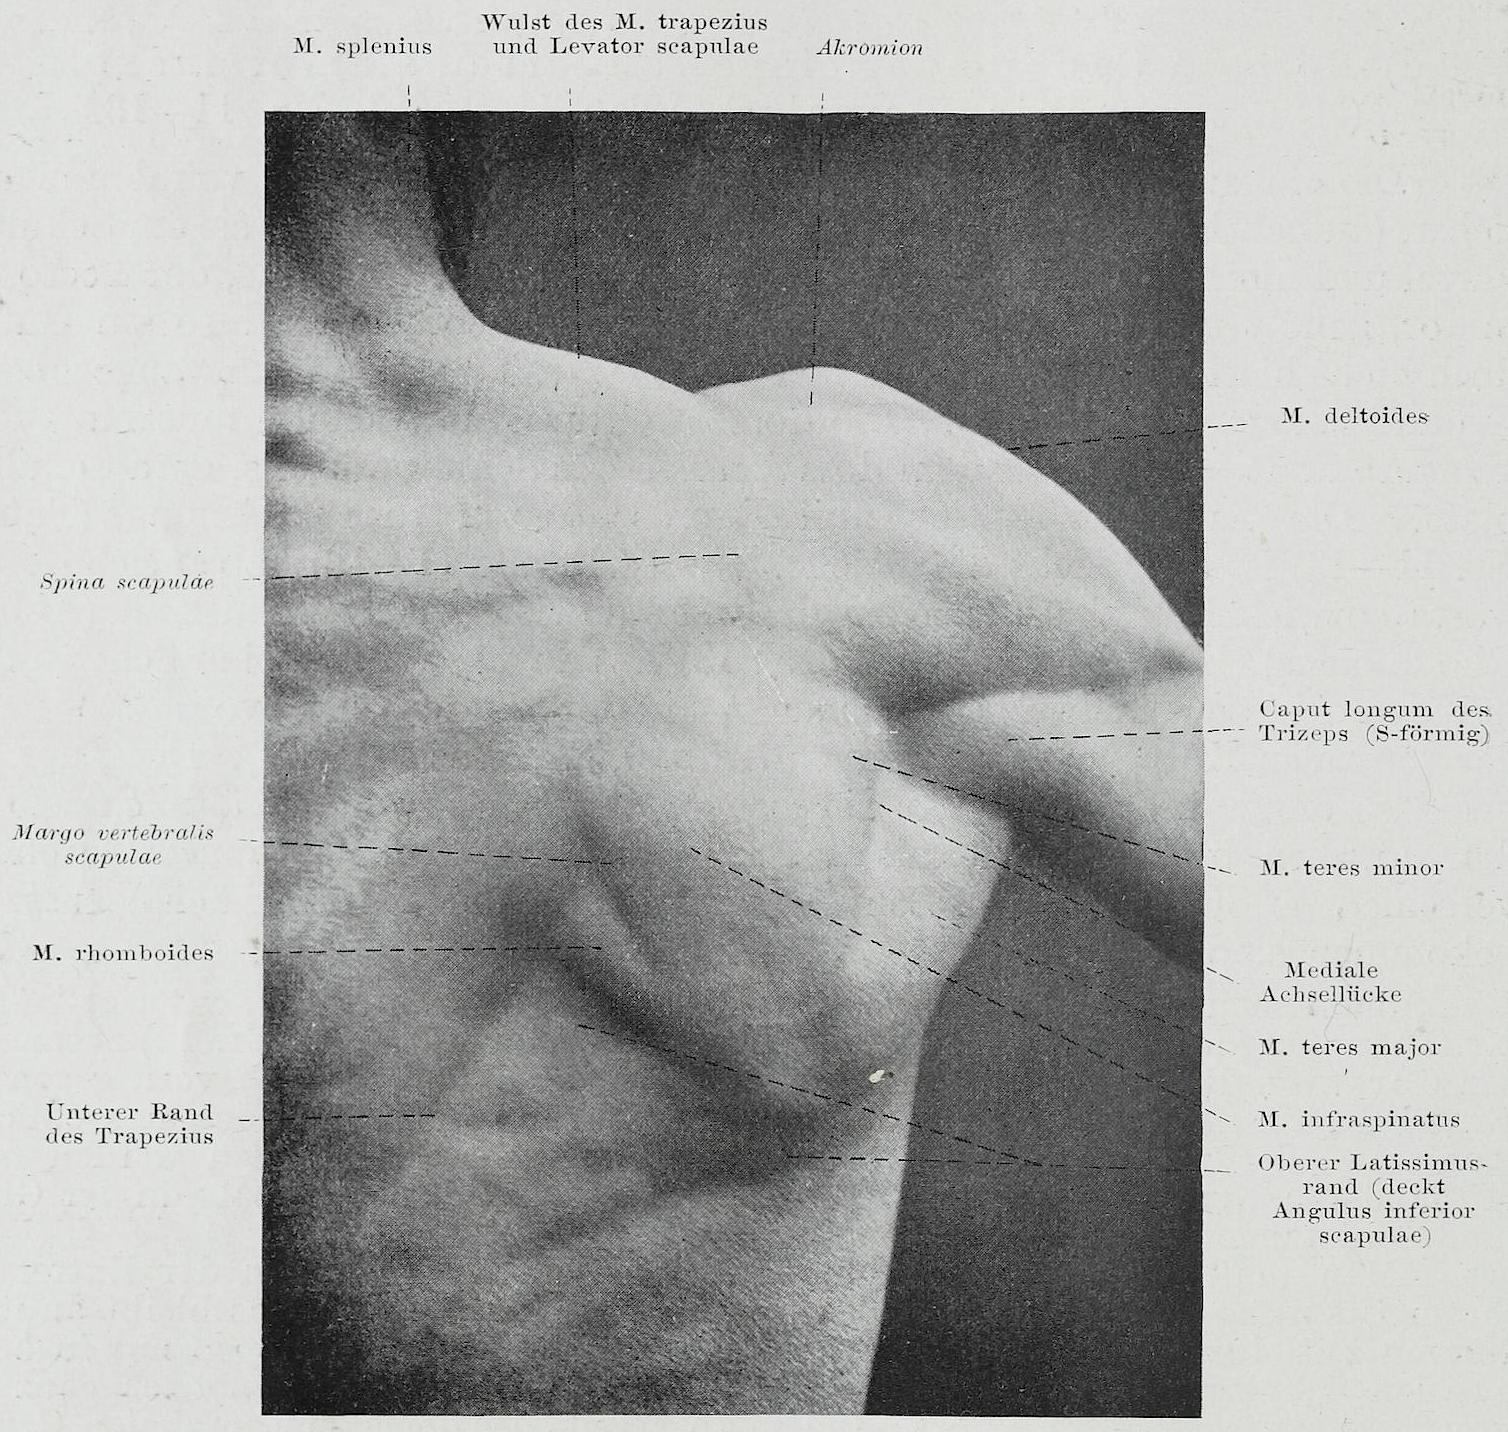 Großzügig Oberer Rückenmuskel Diagramm Zeitgenössisch - Menschliche ...